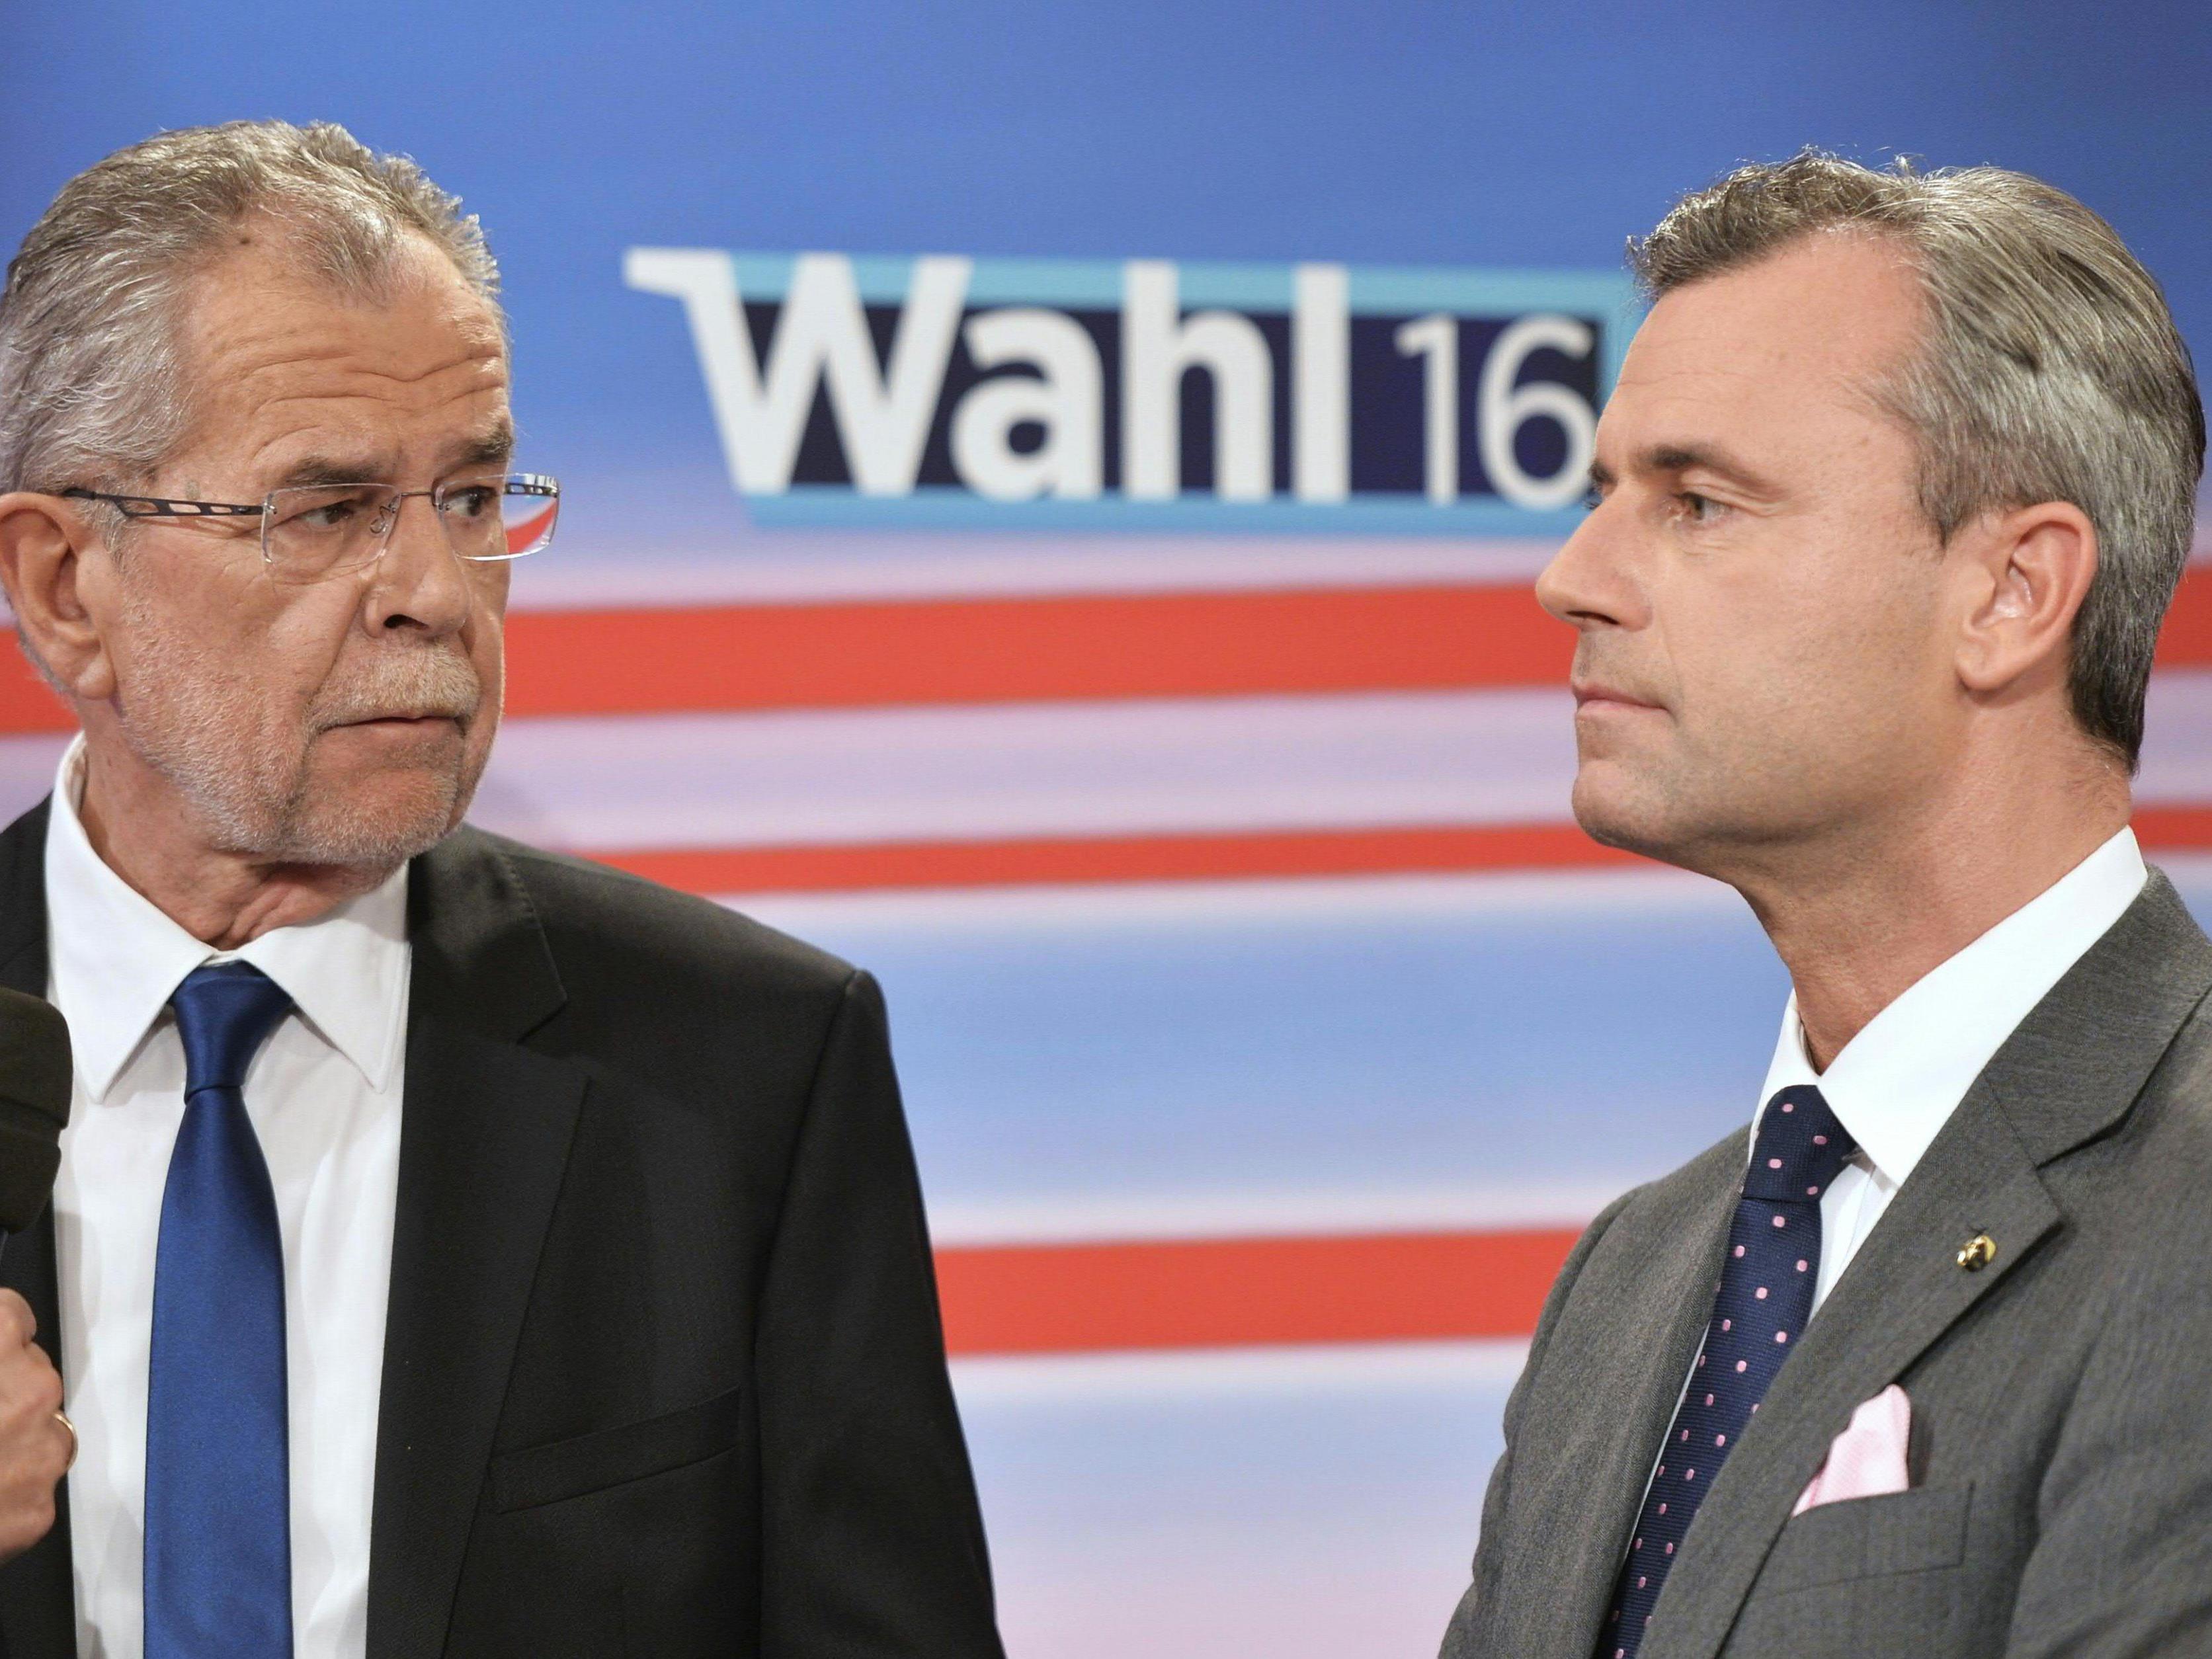 Die Kandidaten Alexander Van der Bellen und Norbert Hofer müssen noch einmal zur Wahl antreten.